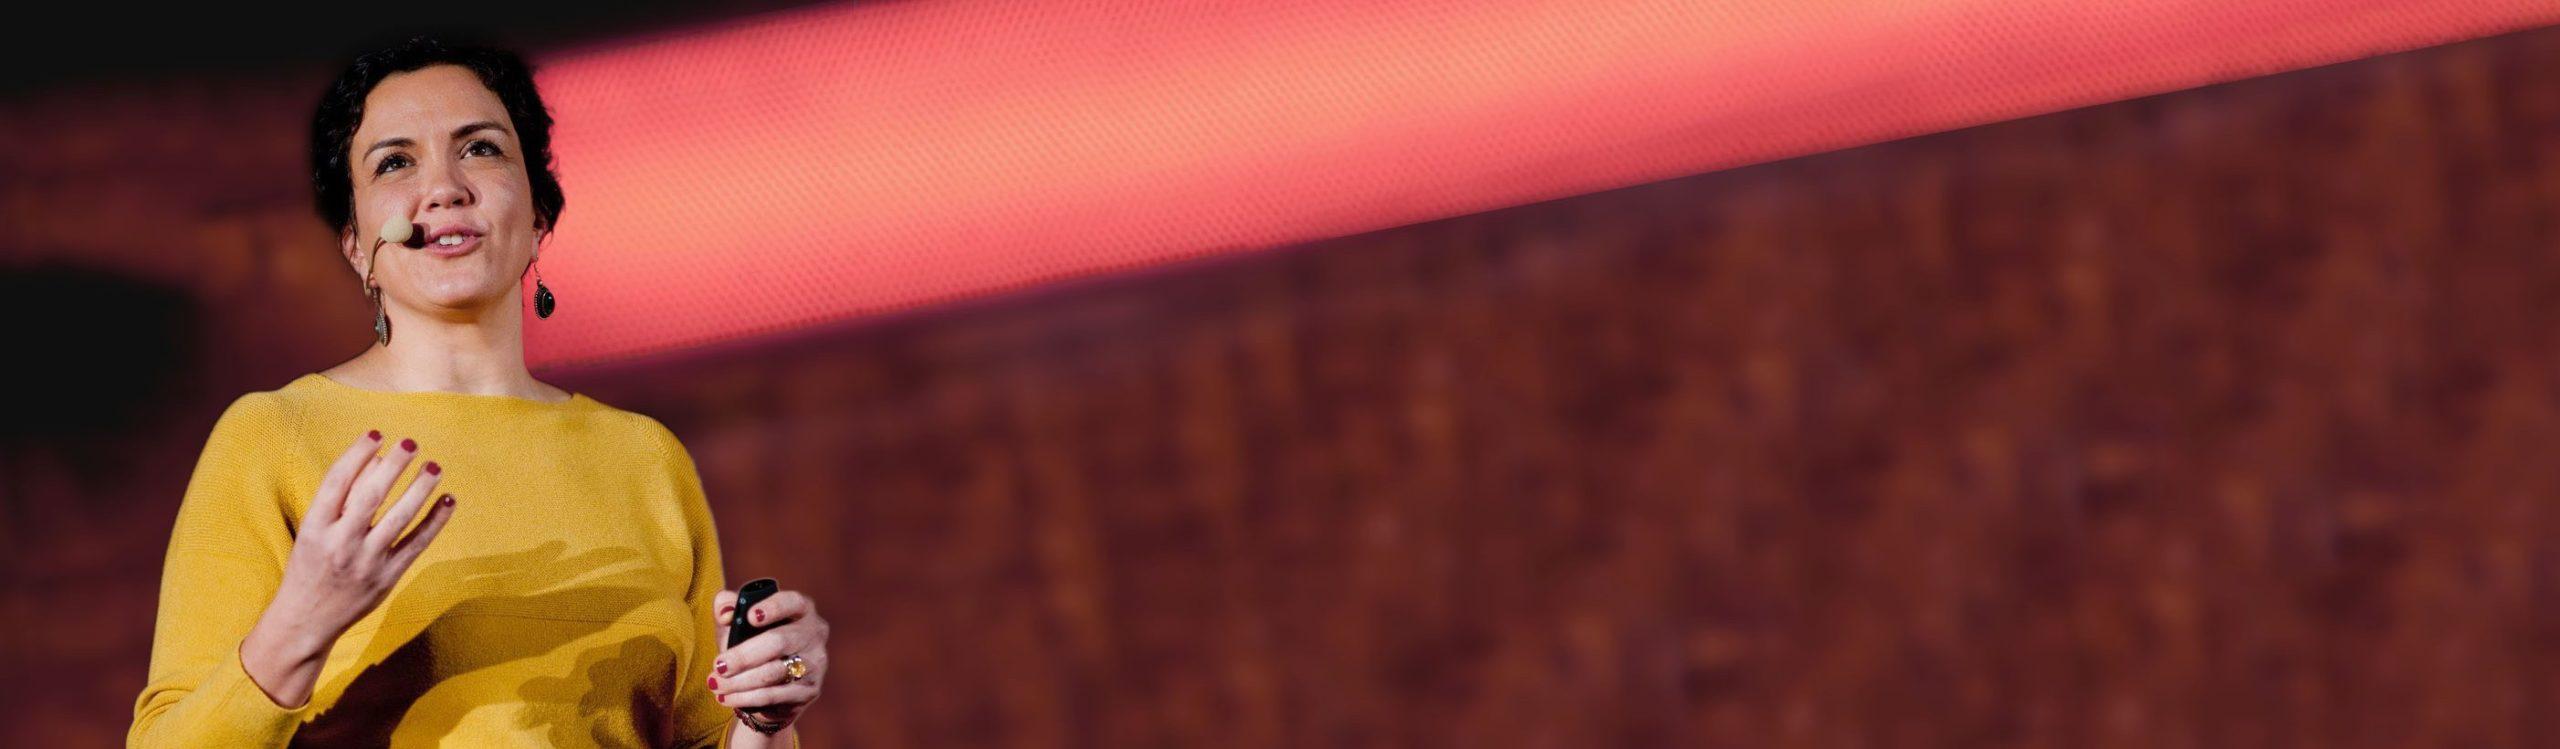 maria-chiara-prodi-copertina1-e1447151391564